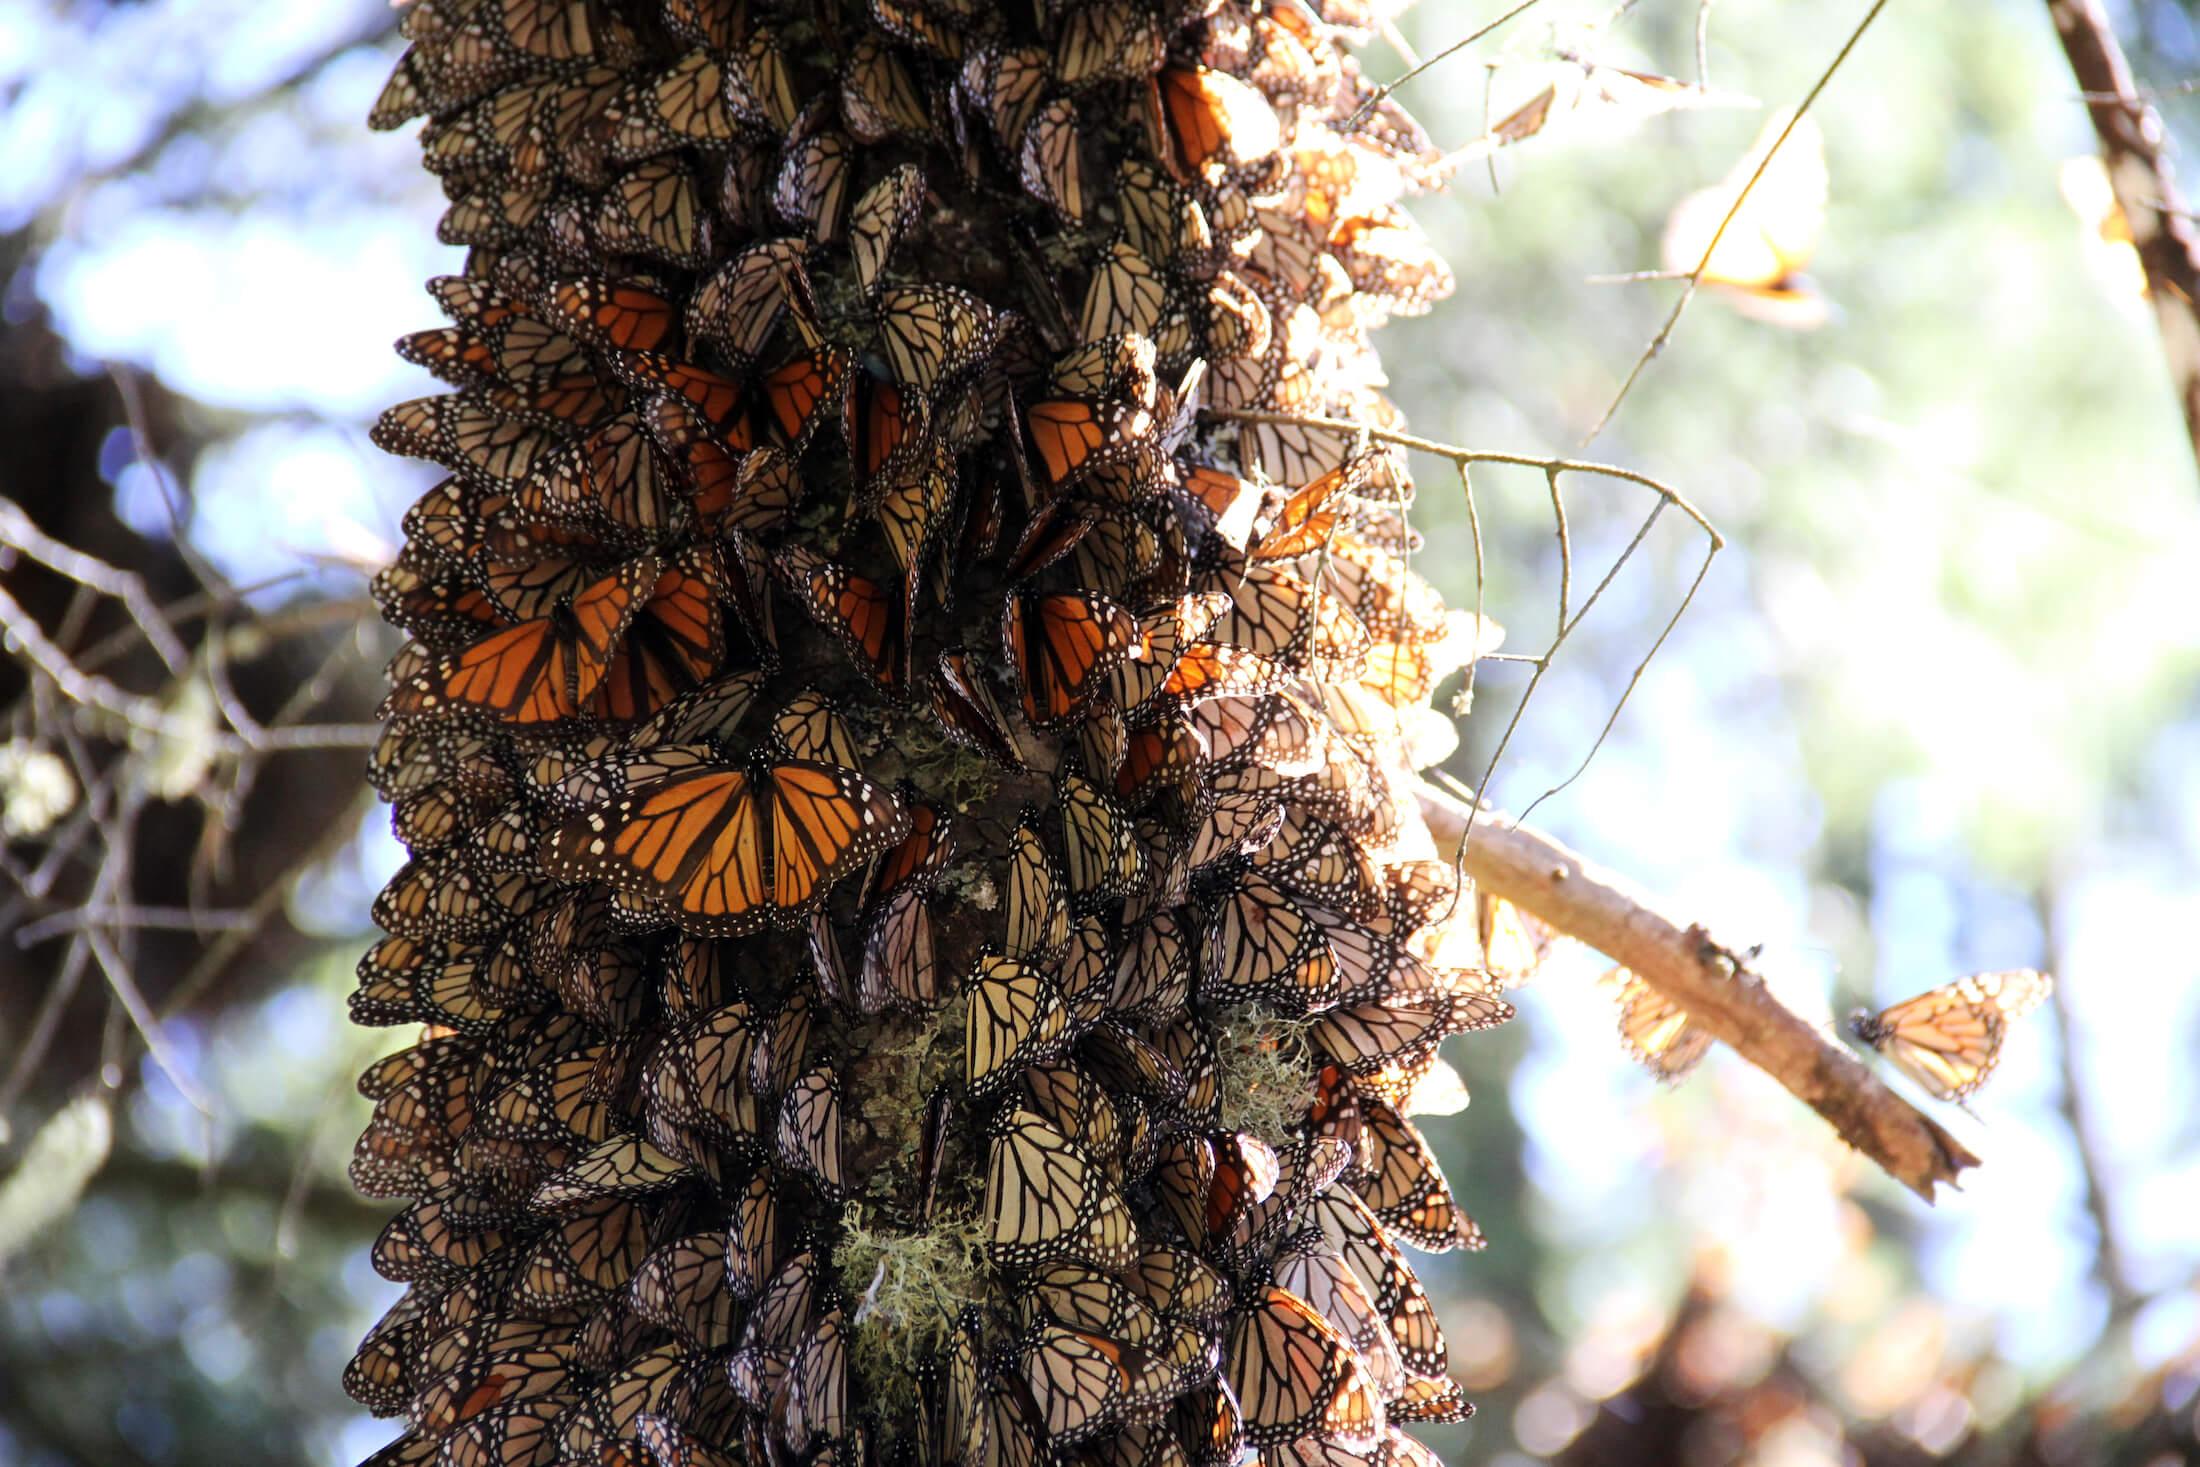 Conservación de la Reserva de la Biosfera Mariposa Monarca, a través del desarrollo integral sostenible